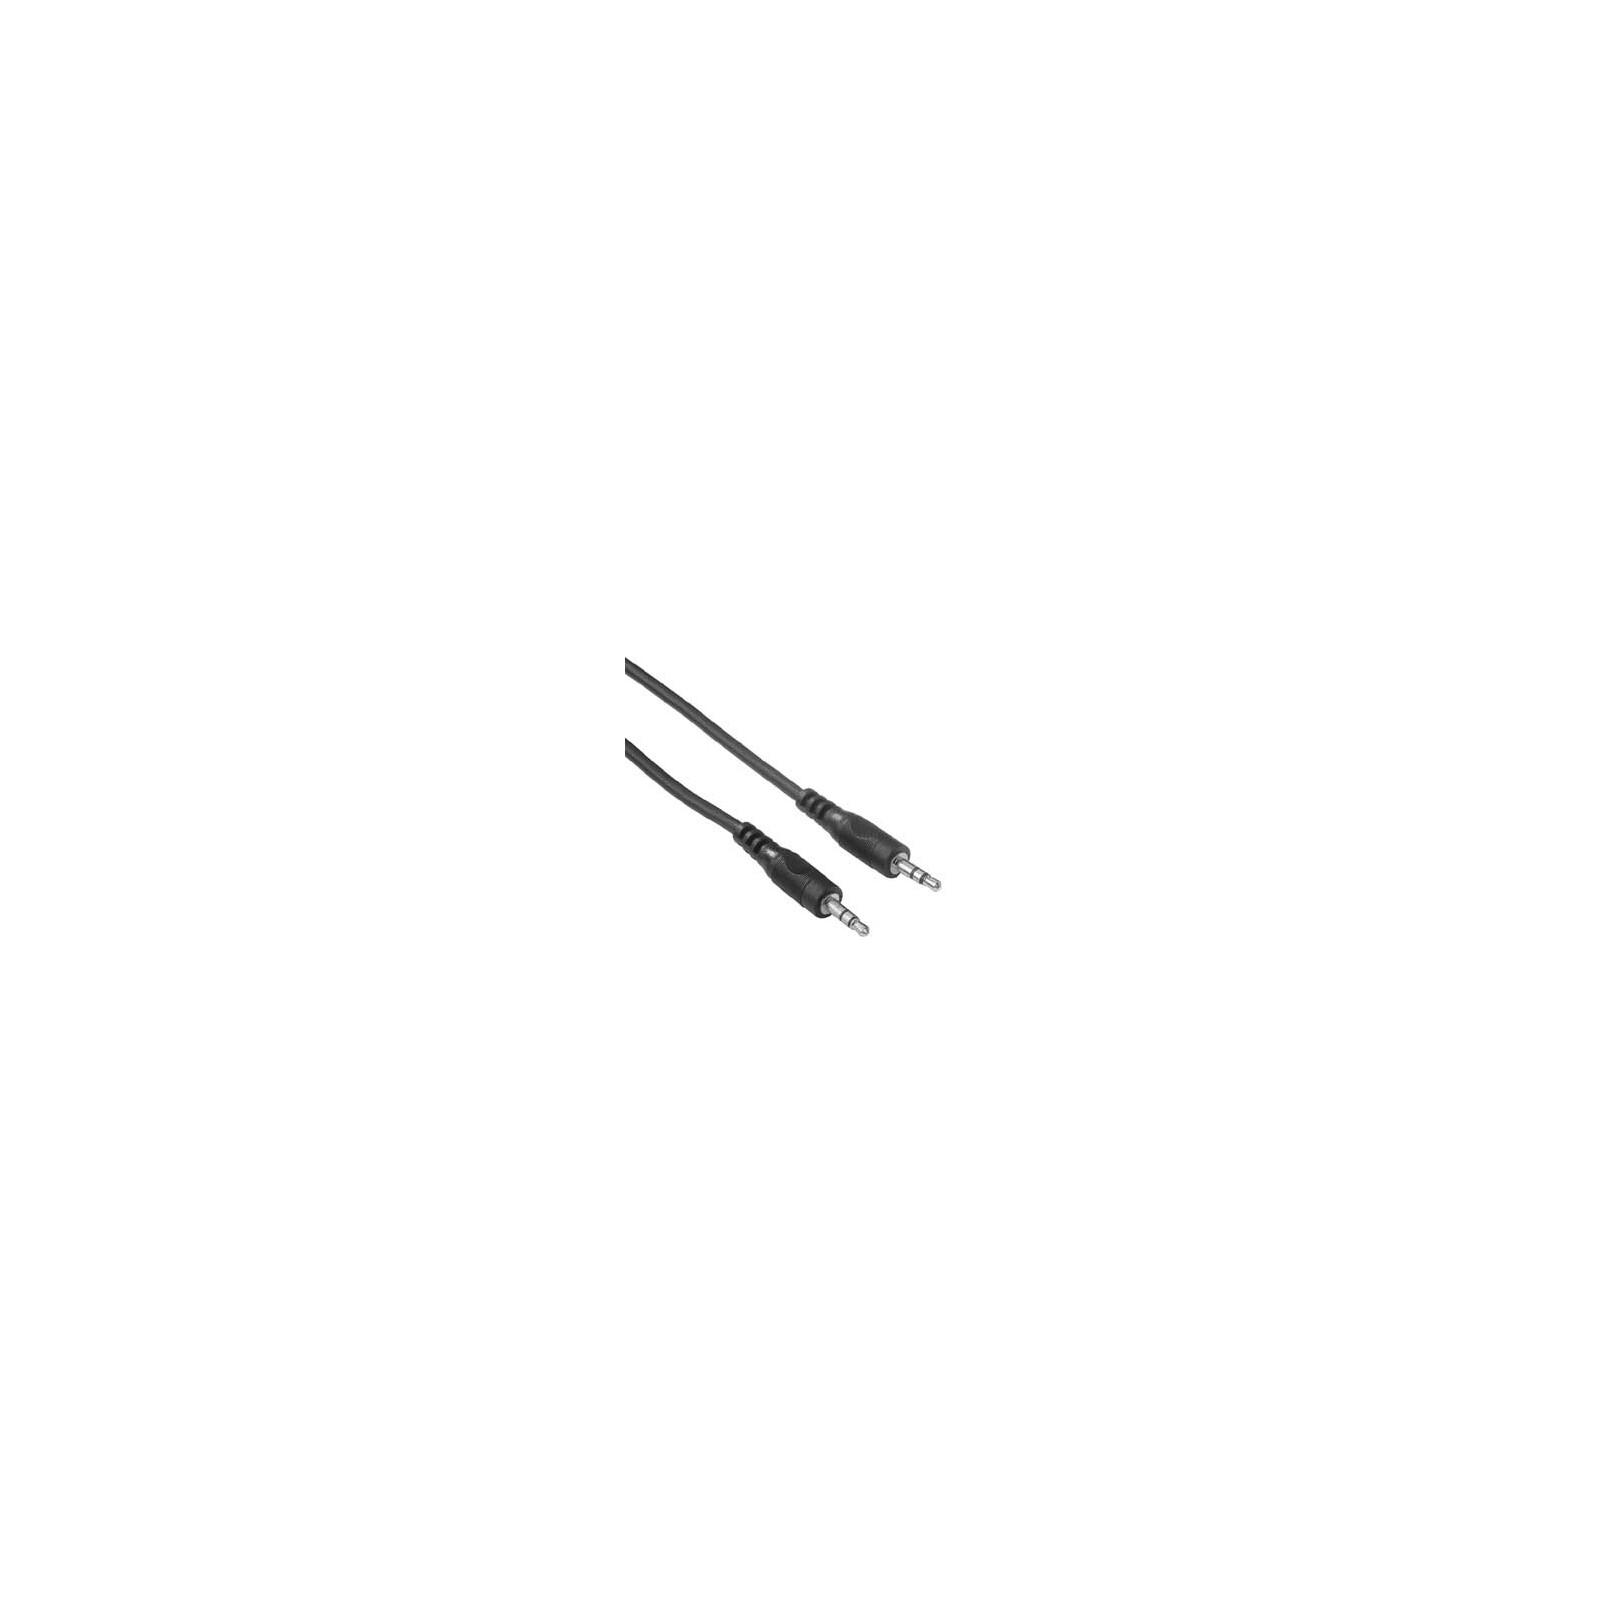 Hama 34053 3,5-mm-Klinken-Kabel, Stecker - Stecker, Stereo,